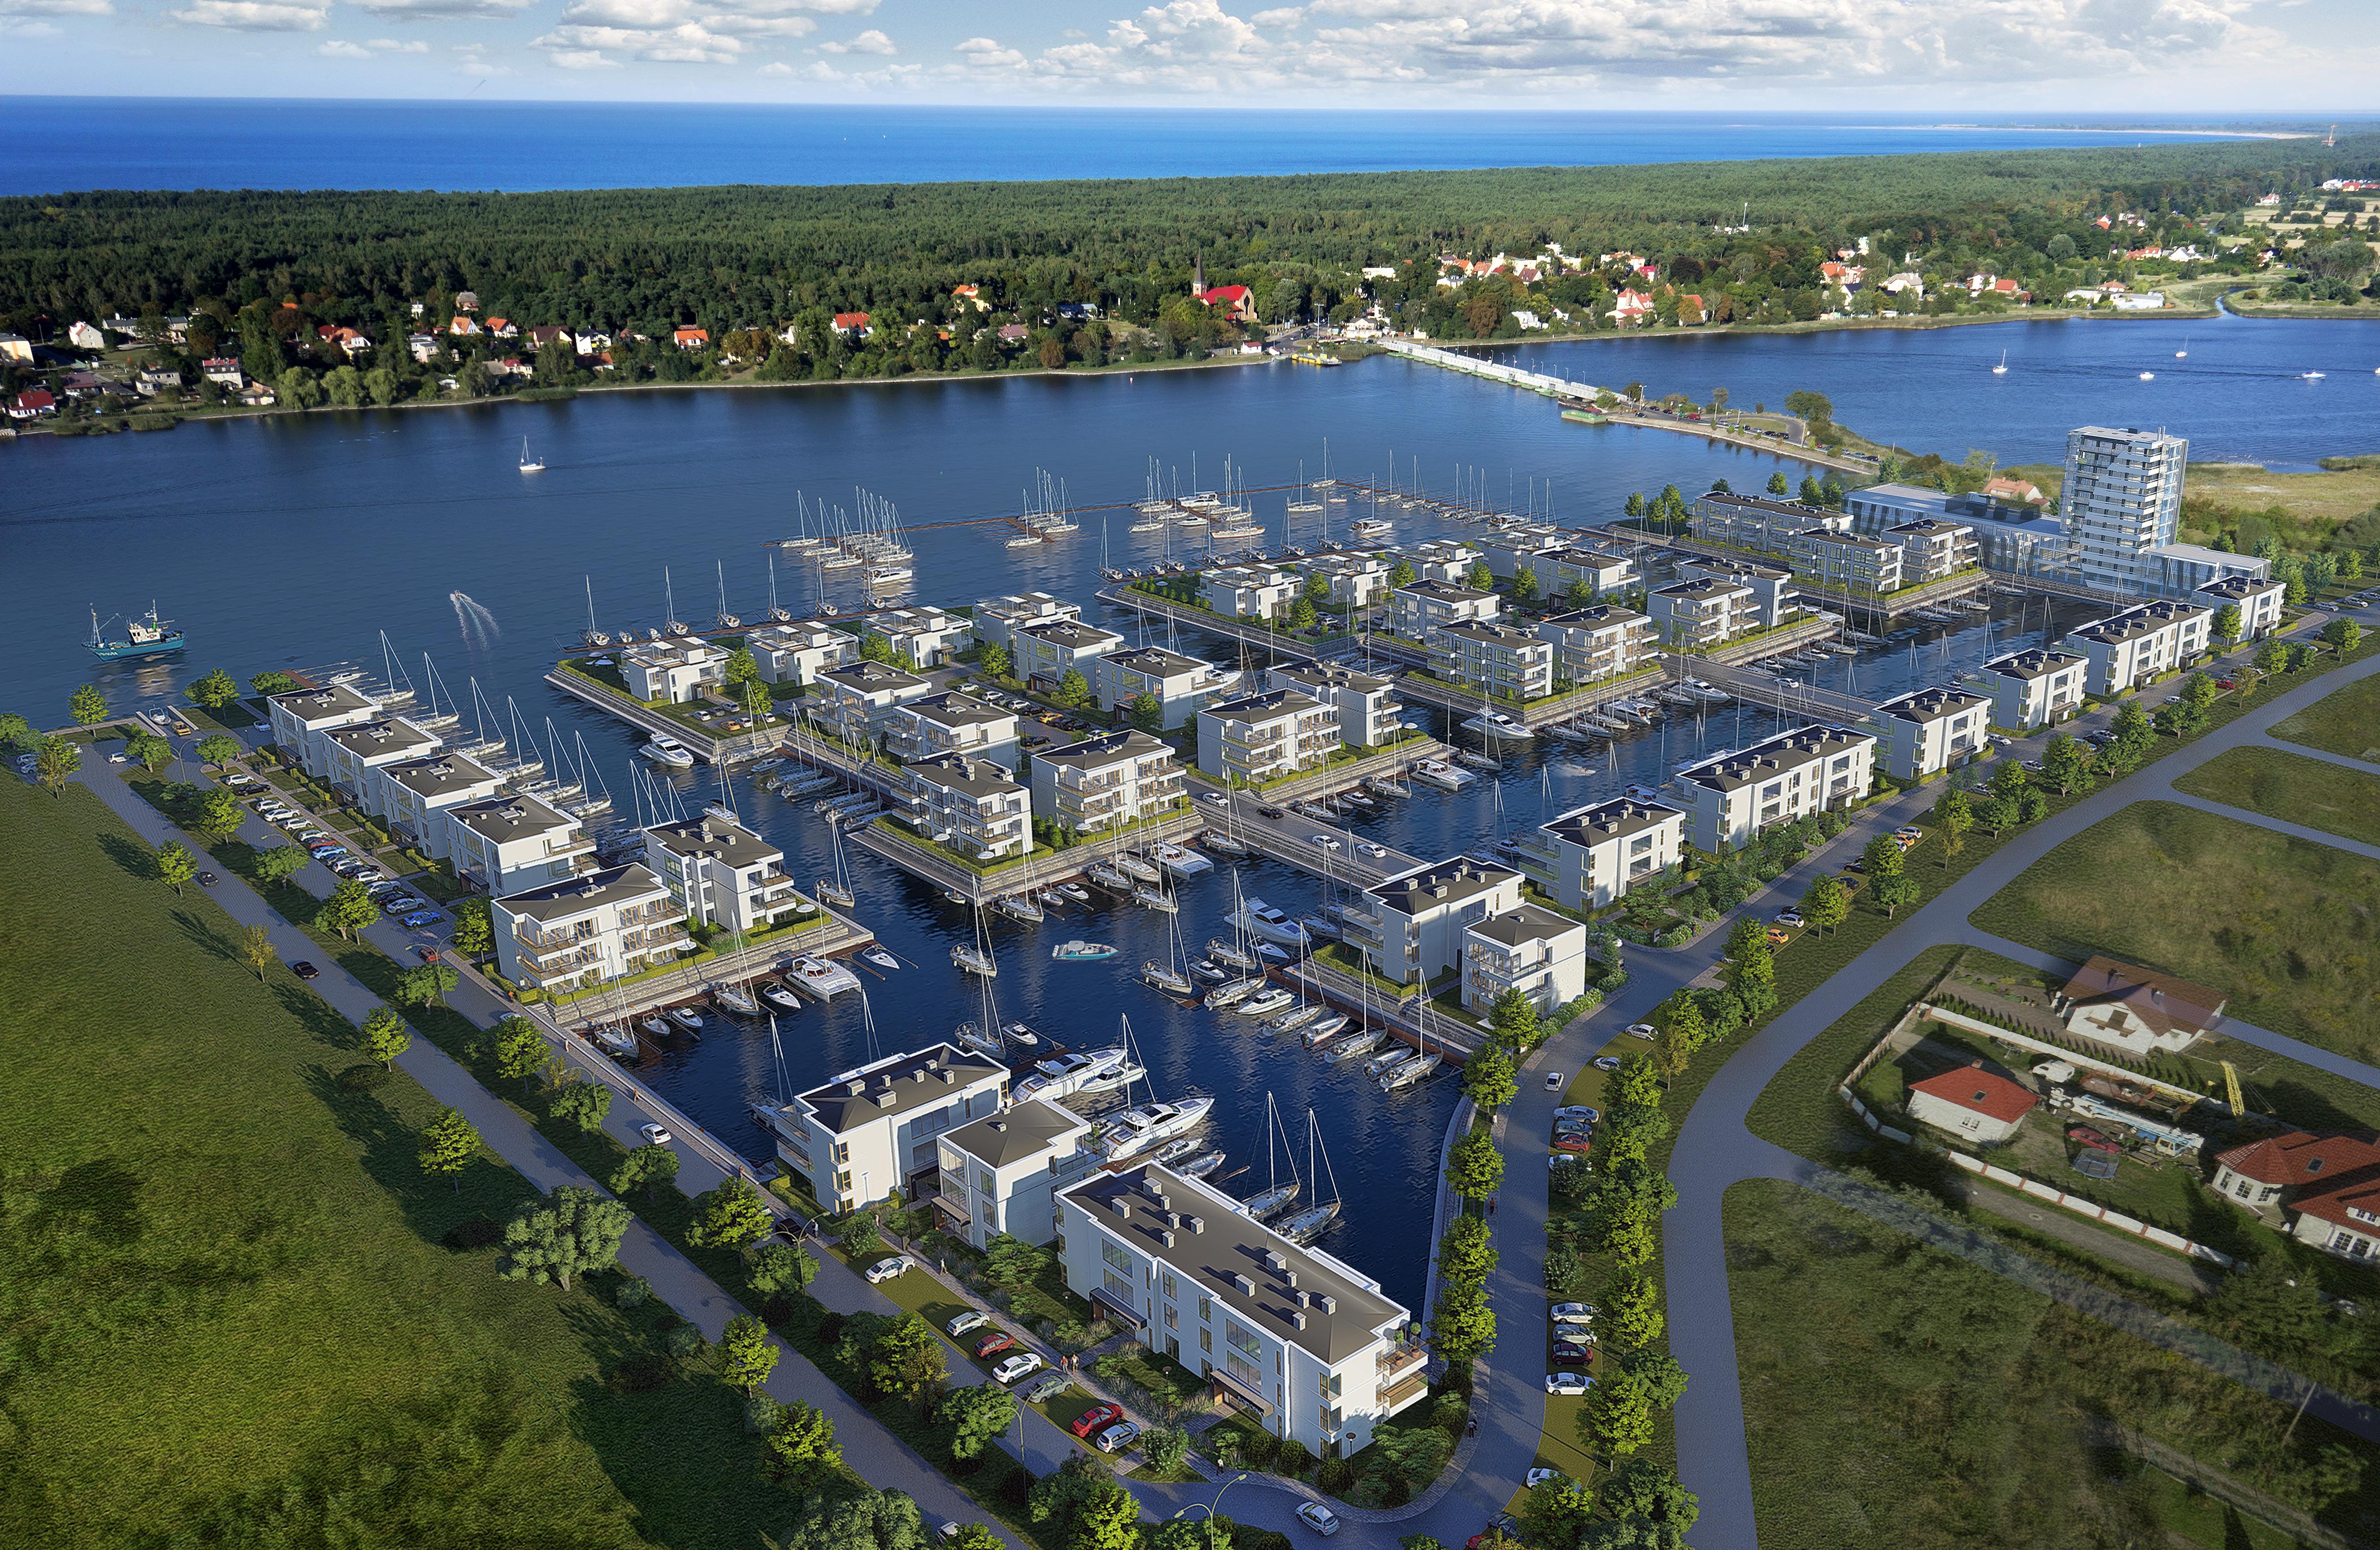 Sol Marina – kompleks apartamentowy w Wiślince z prywatną przystanią jachtową i częścią komercyjną stanowiącą hotel wraz z zapleczem handlowo-usługowym (wizualizacja)